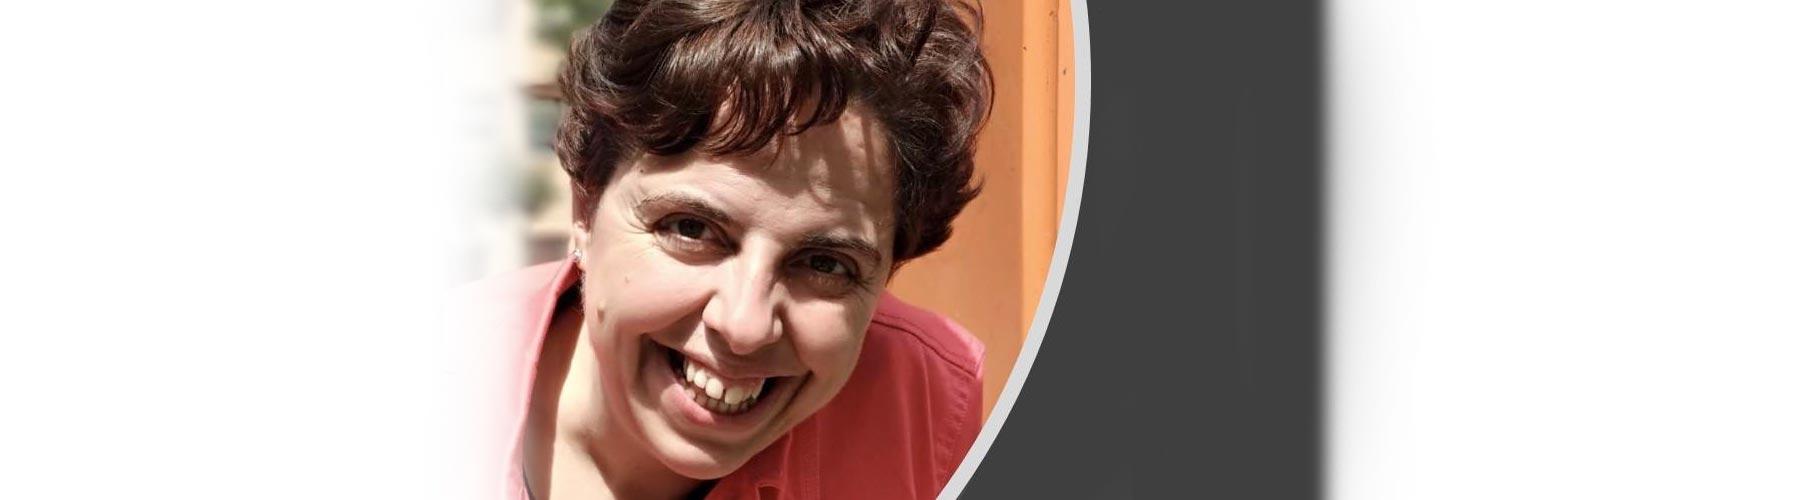 Azucena Santillán, enfermera y profesora de SalusPlay, seleccionada para participar en la sesión Ciencia en el Parlamento